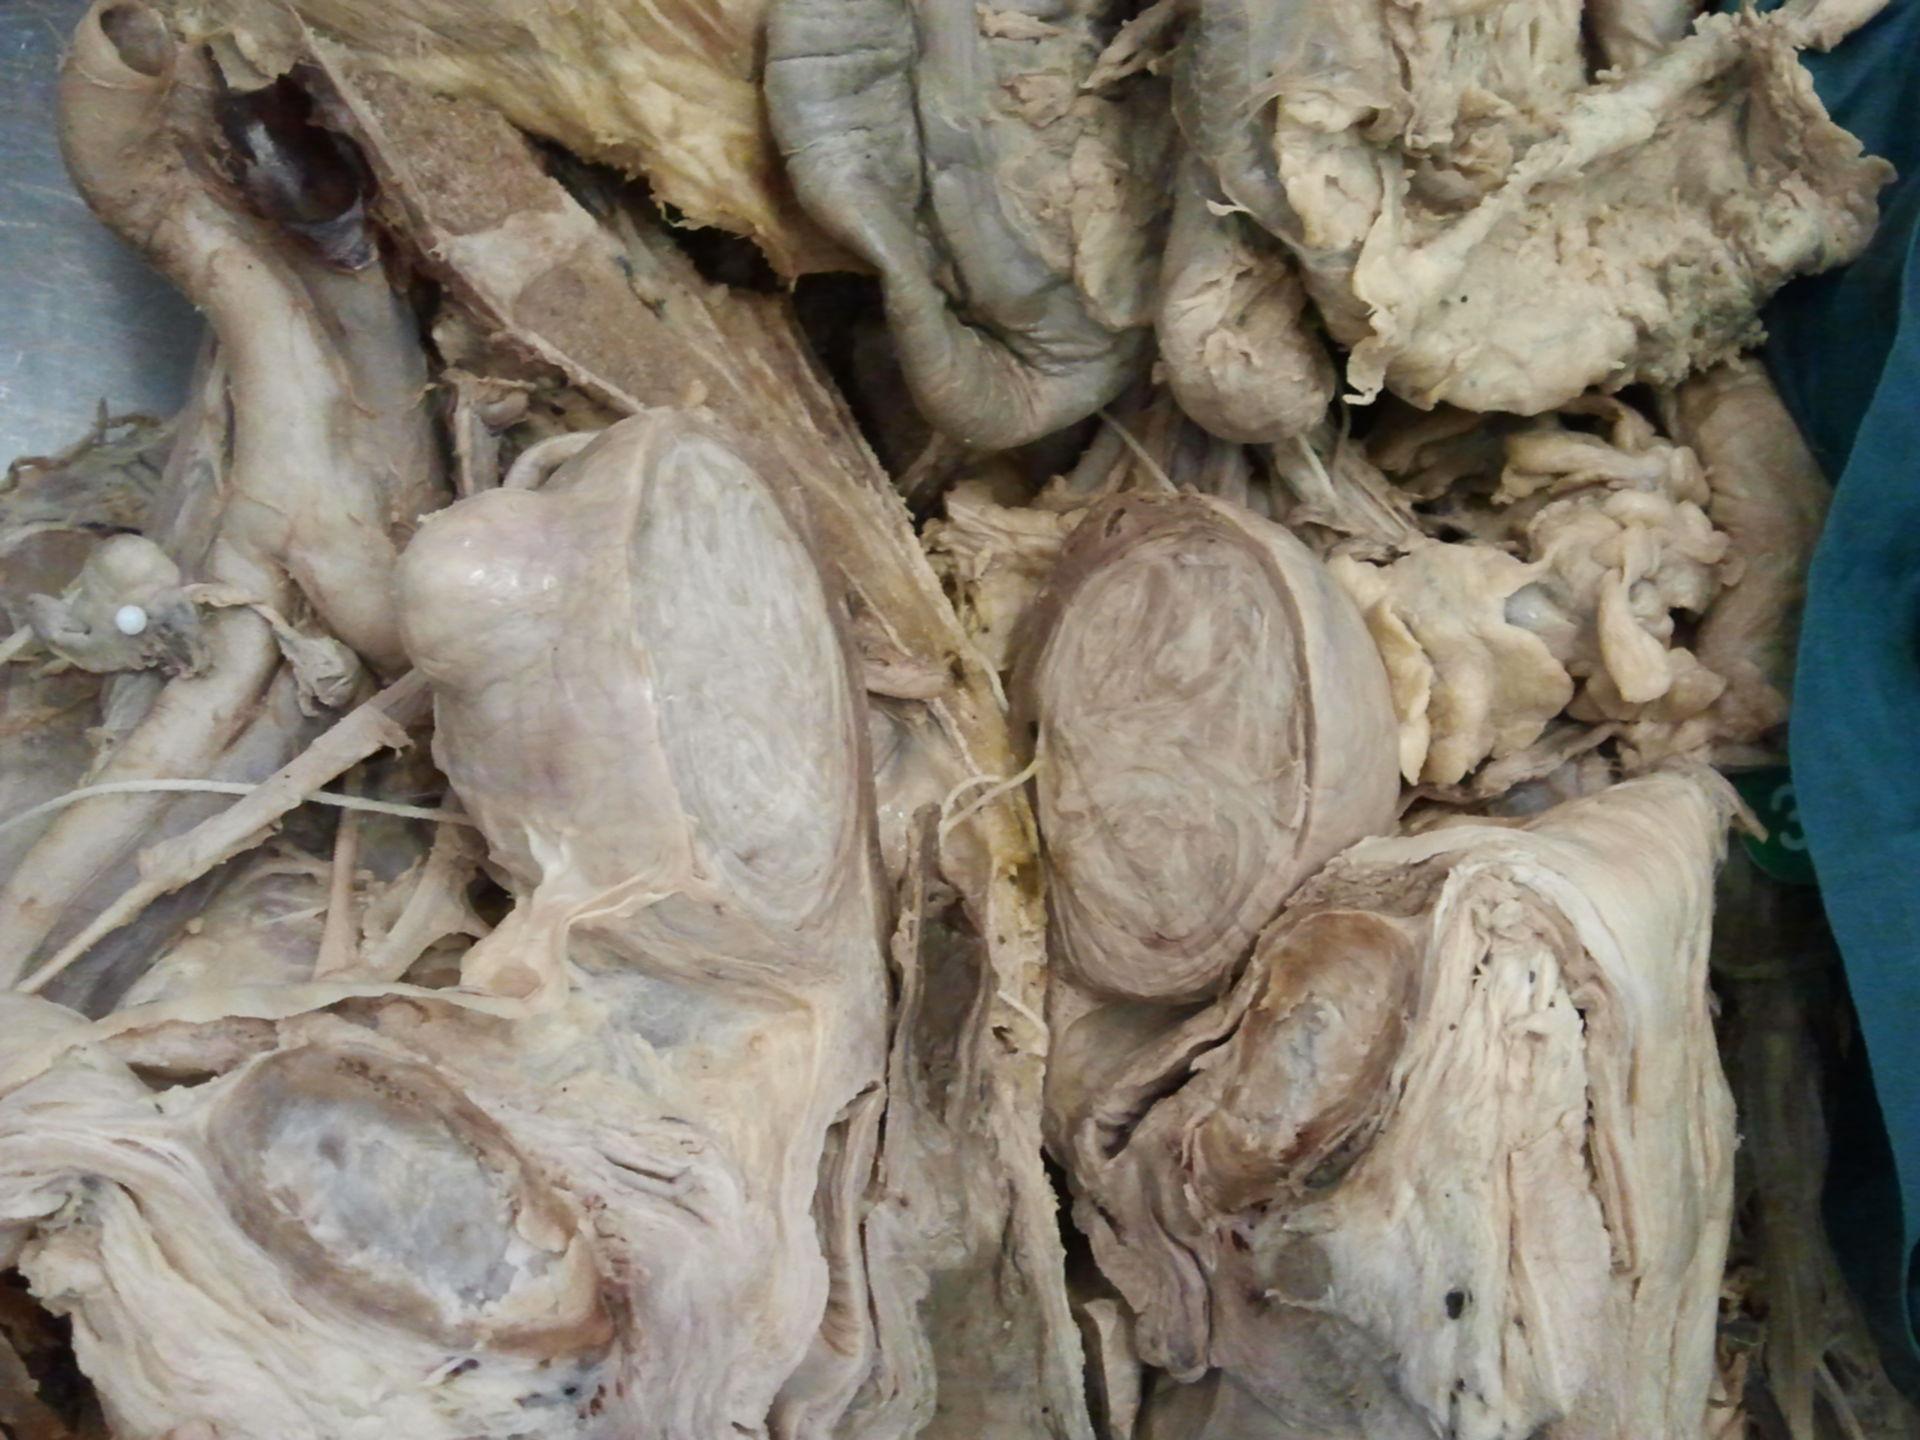 Uterus with abscess